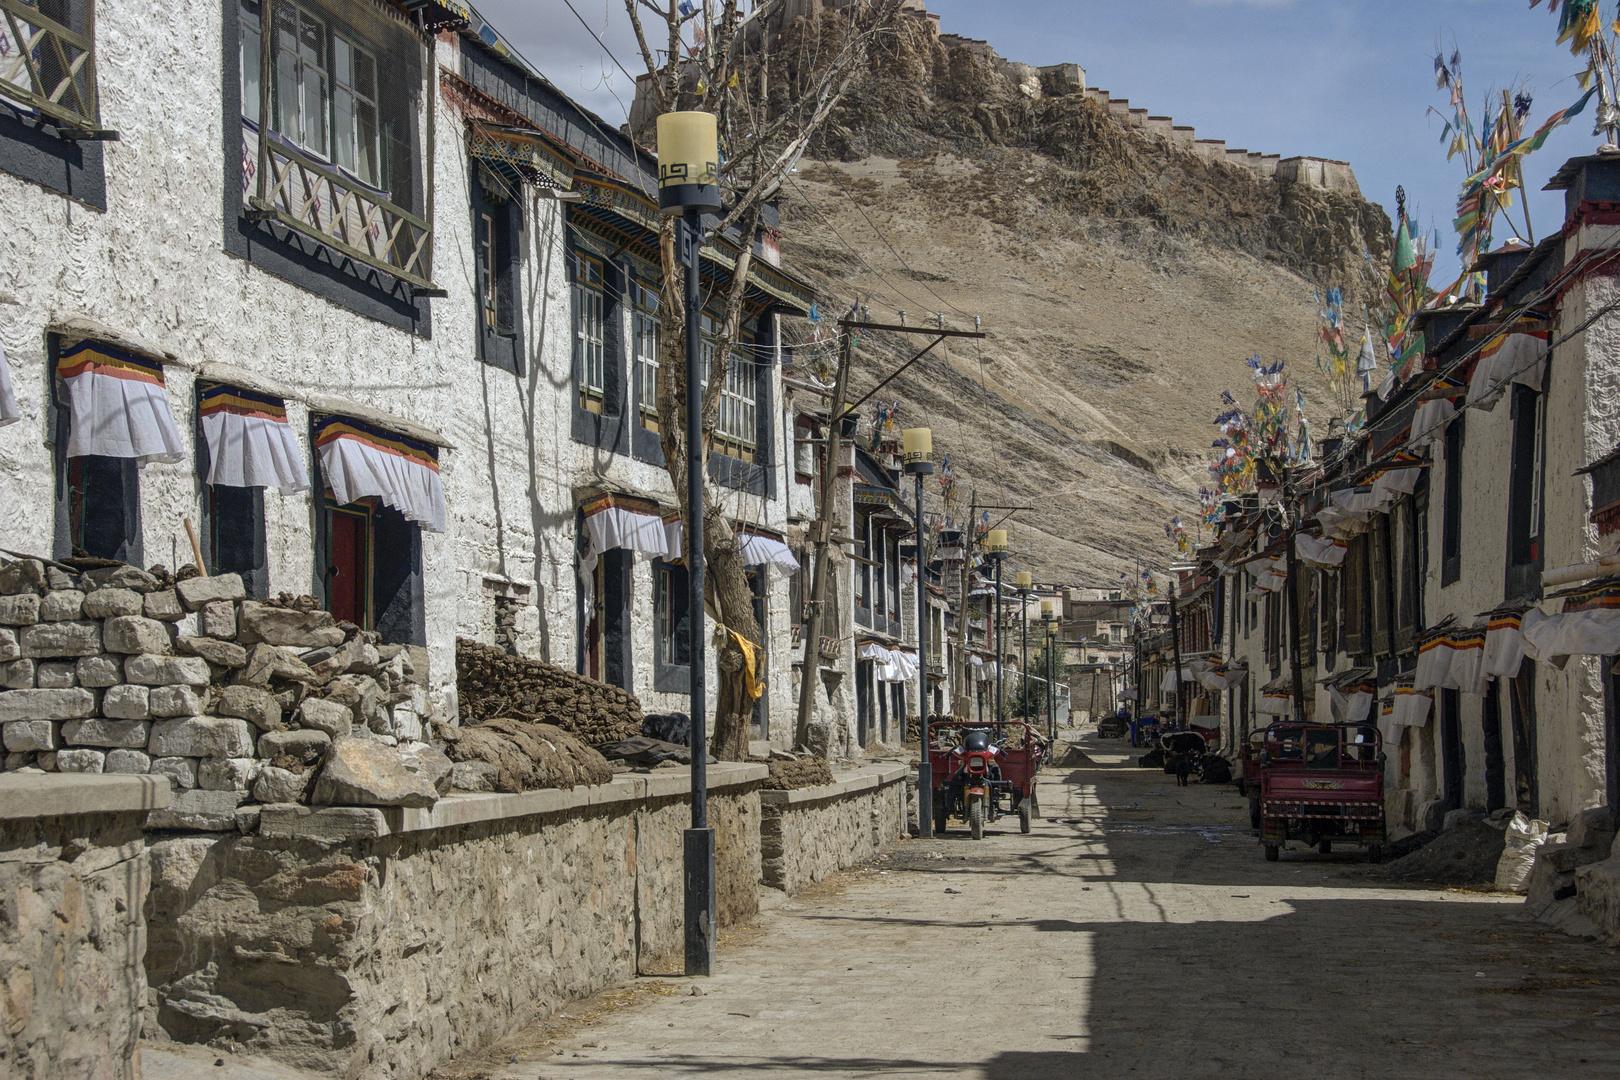 267 - Gyantse (Tibet) - A street in Gyantse Old Town